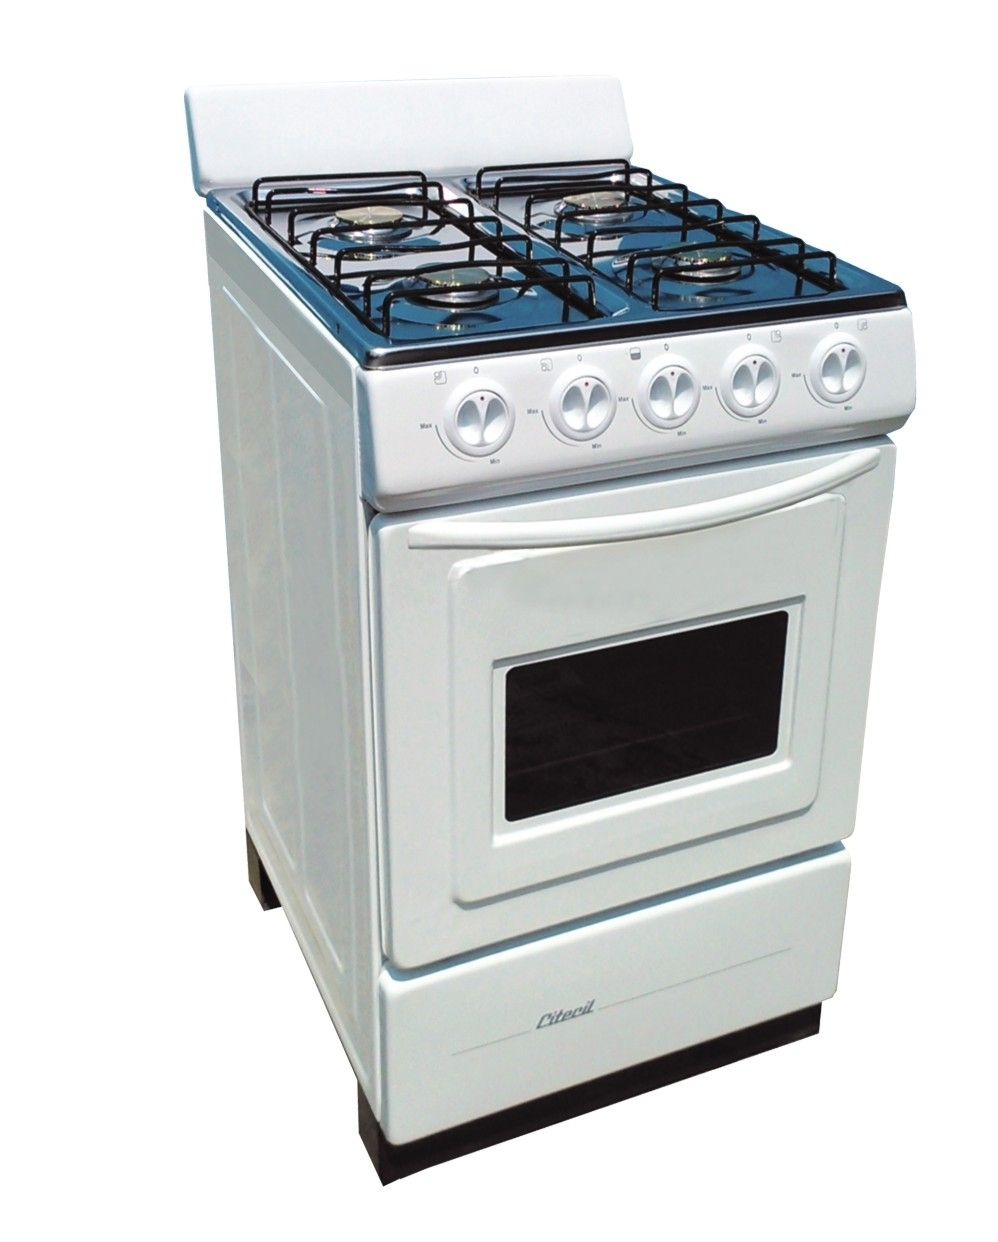 Cocina con horno 4 hornillas Modelo CHEFF Mesa acero Inoxidable ...